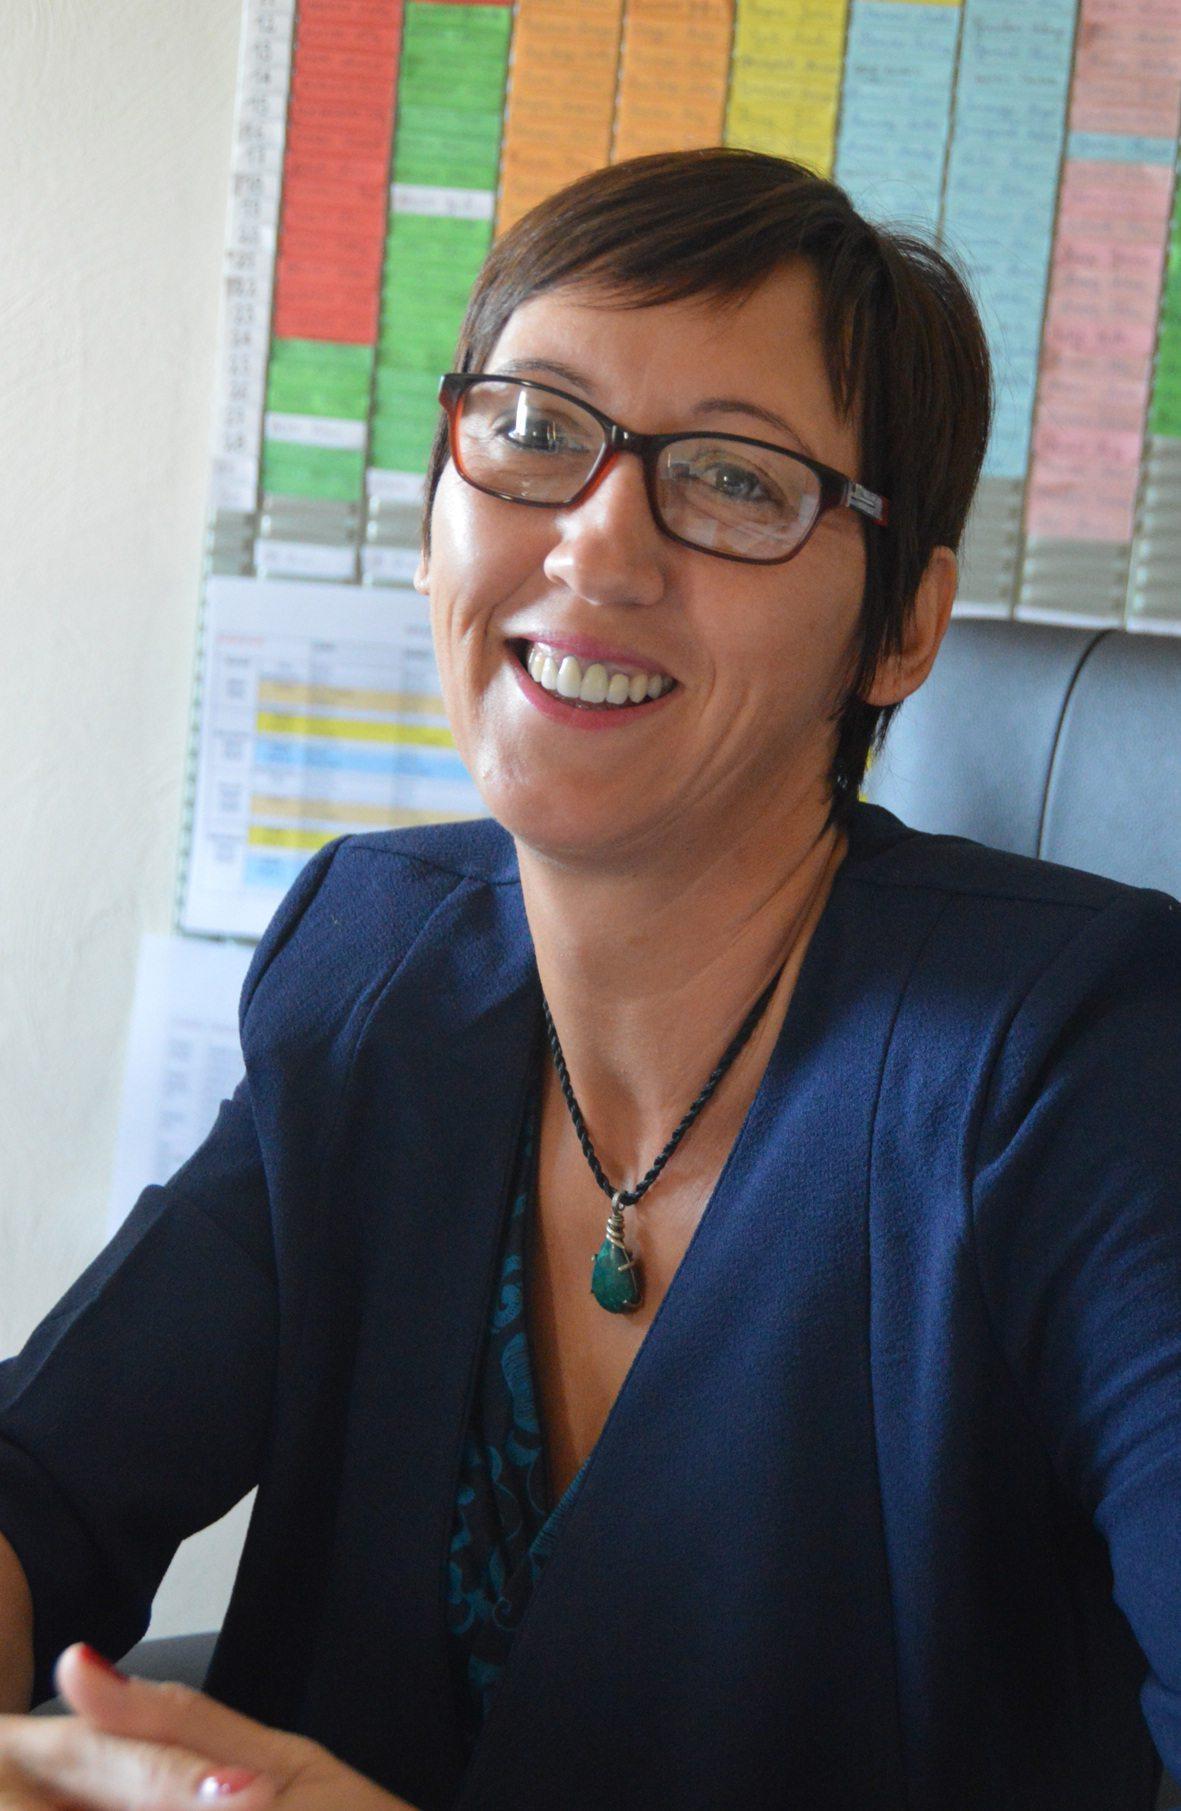 La directrice Eliane Gauer a abordé l'année scolaire avec un grand sourire.